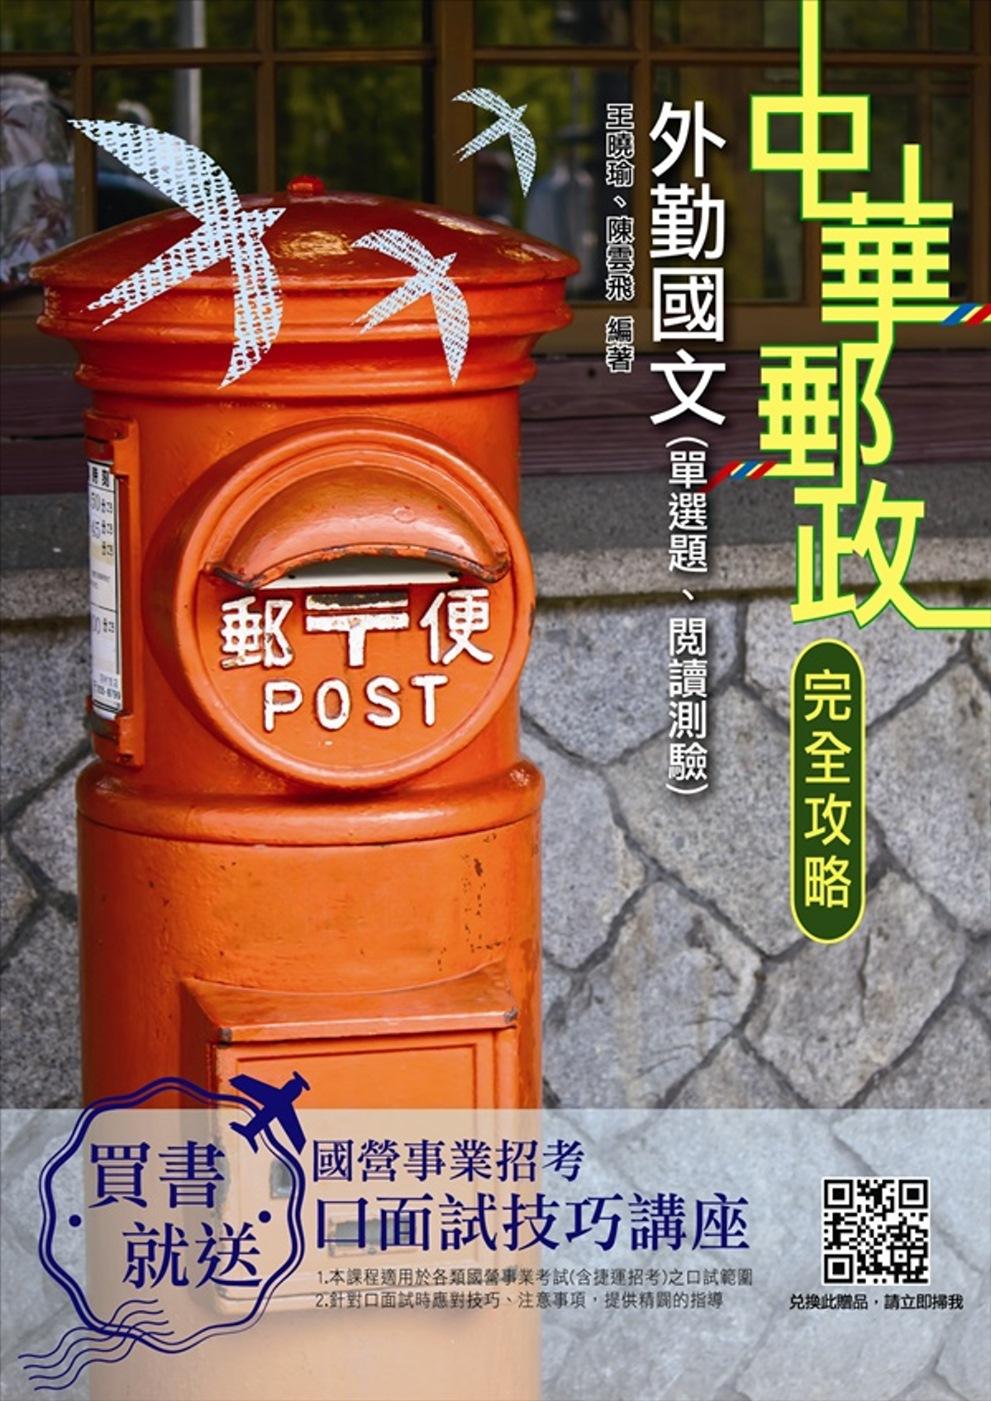 ~2019 版~國文 單選題、閱讀測驗  中華郵政   外勤  上榜考生 書  二版